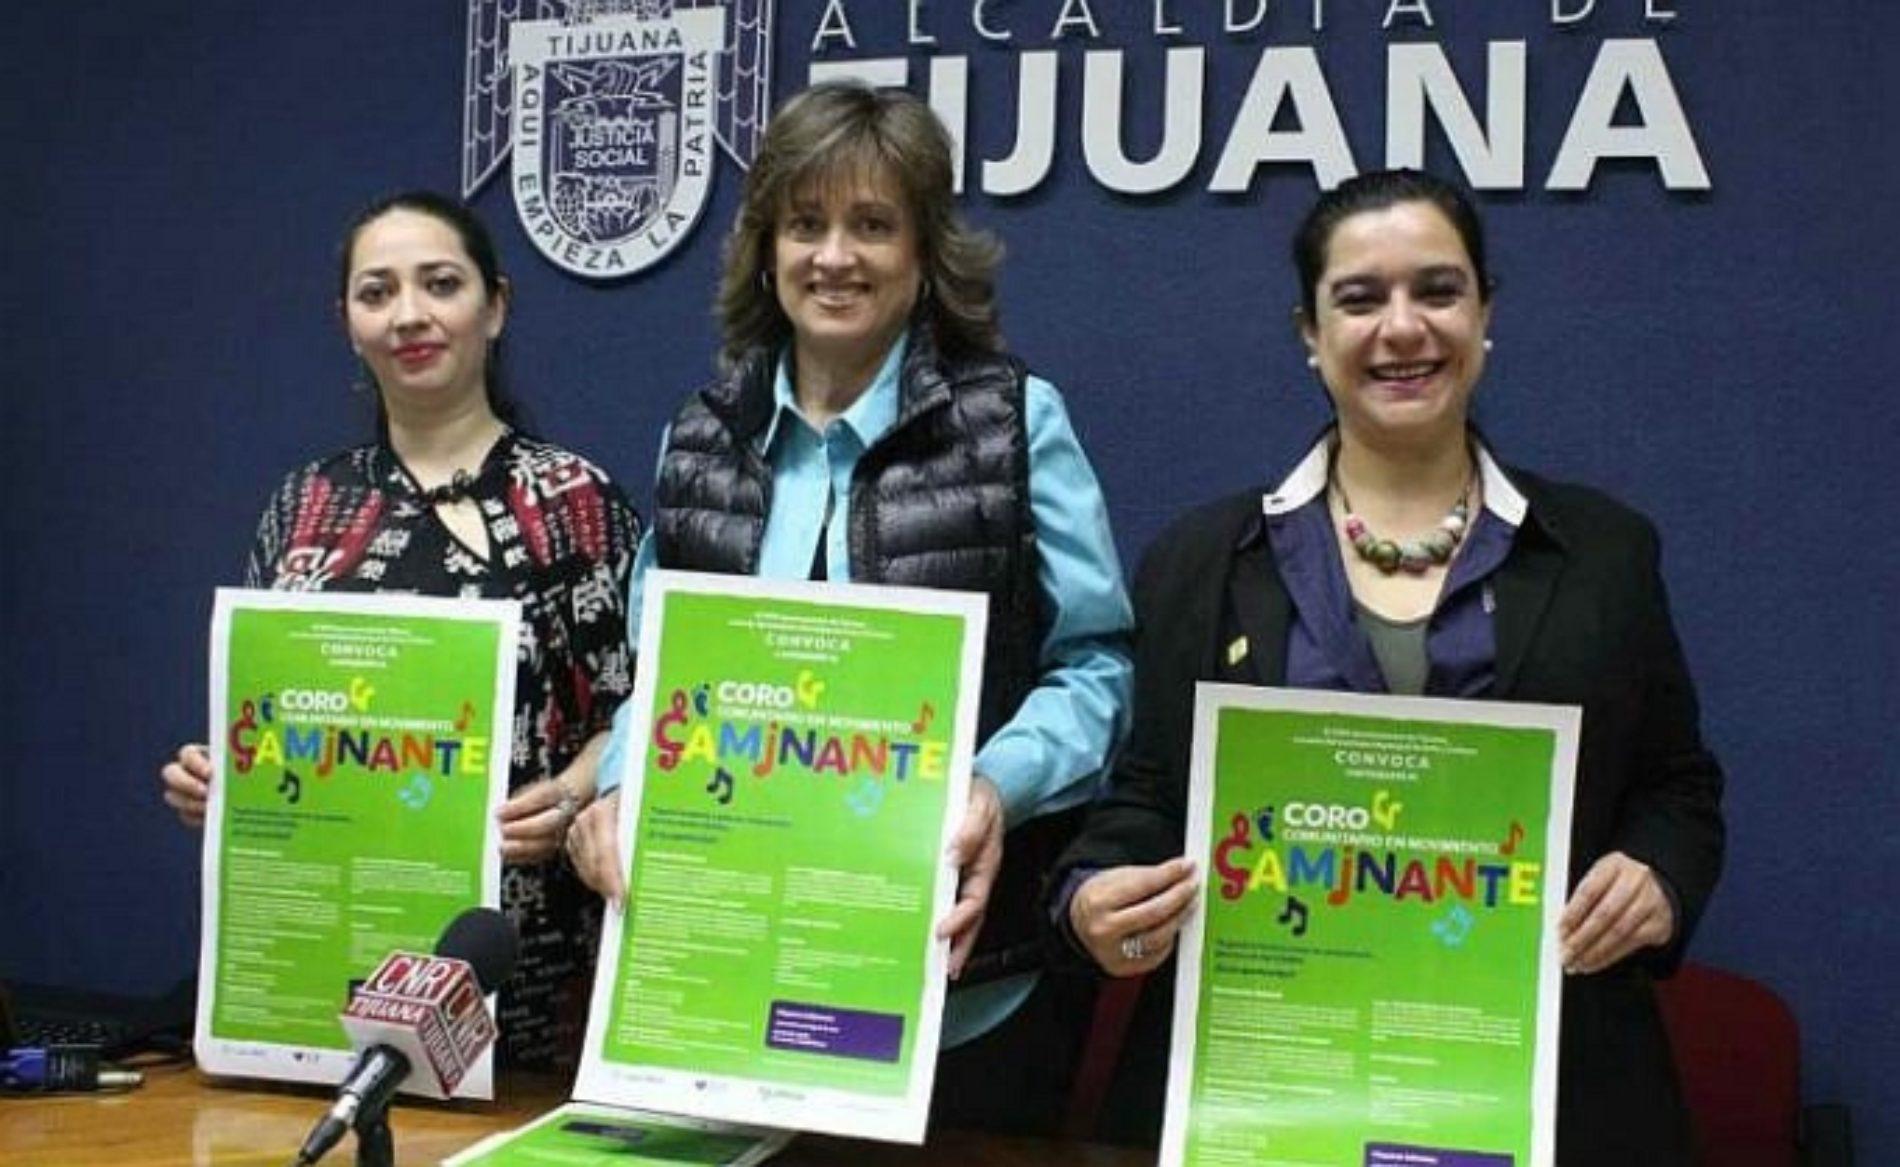 Lanza IMAC convocatoria para integrar coros comunitarios Caminante en cuatro delegaciones